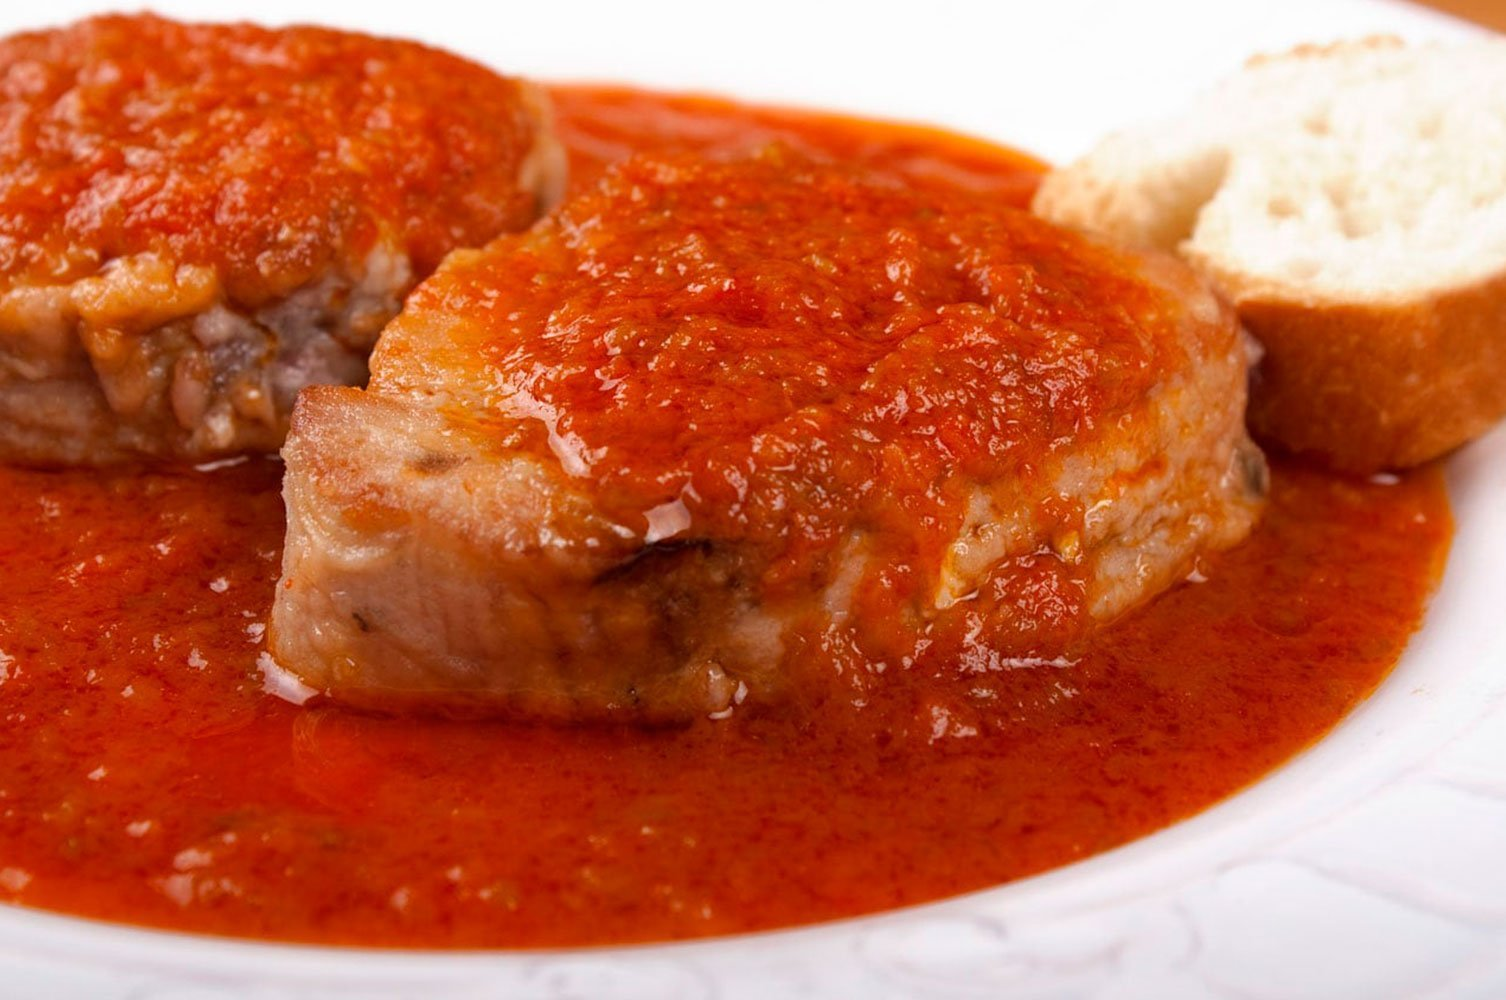 bonito con tomate - La mejor pescadería en Cáceres - Felipe Salgado